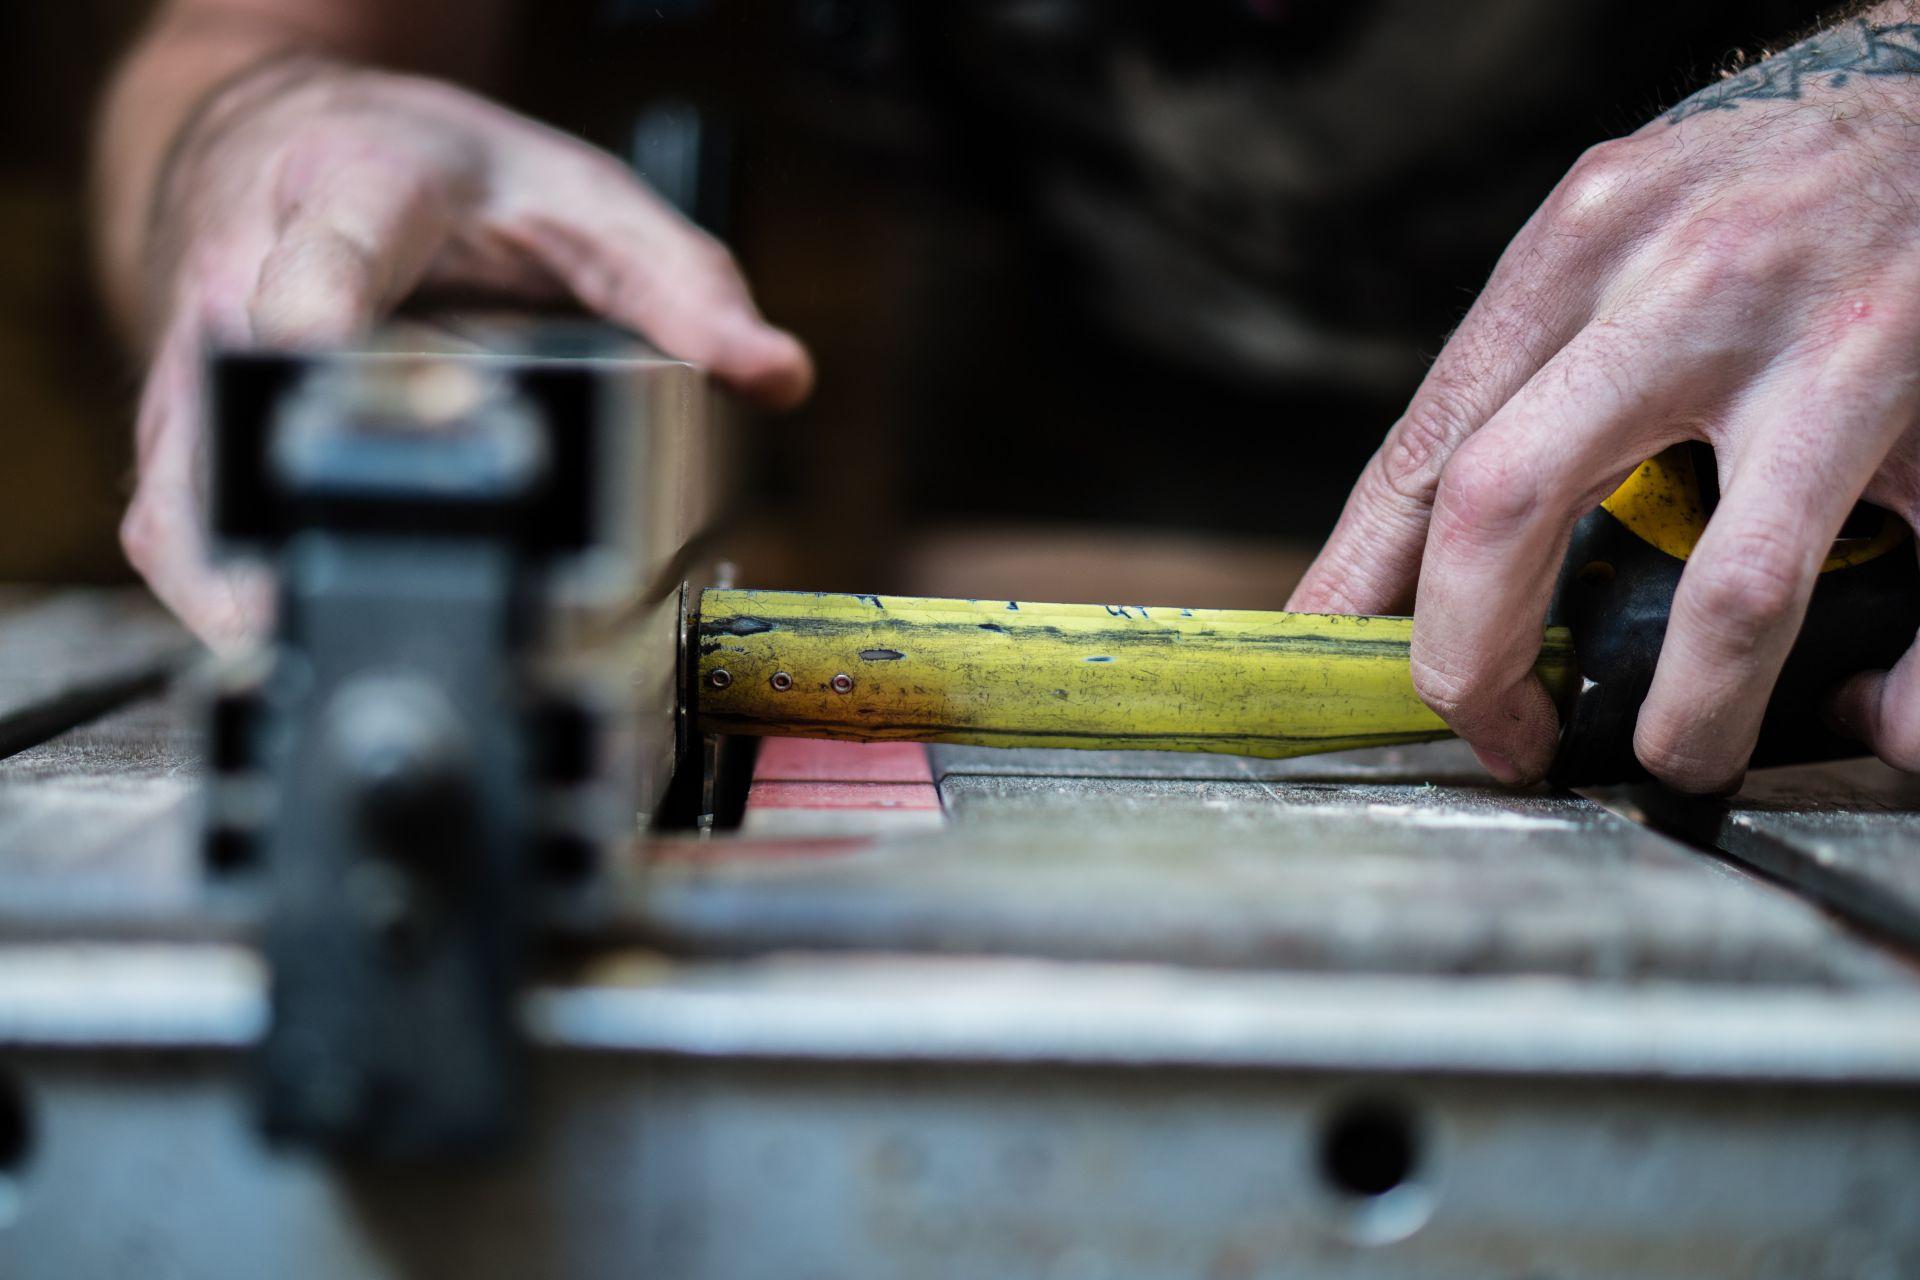 Kädet työskentelevät laitteella, valokuva.